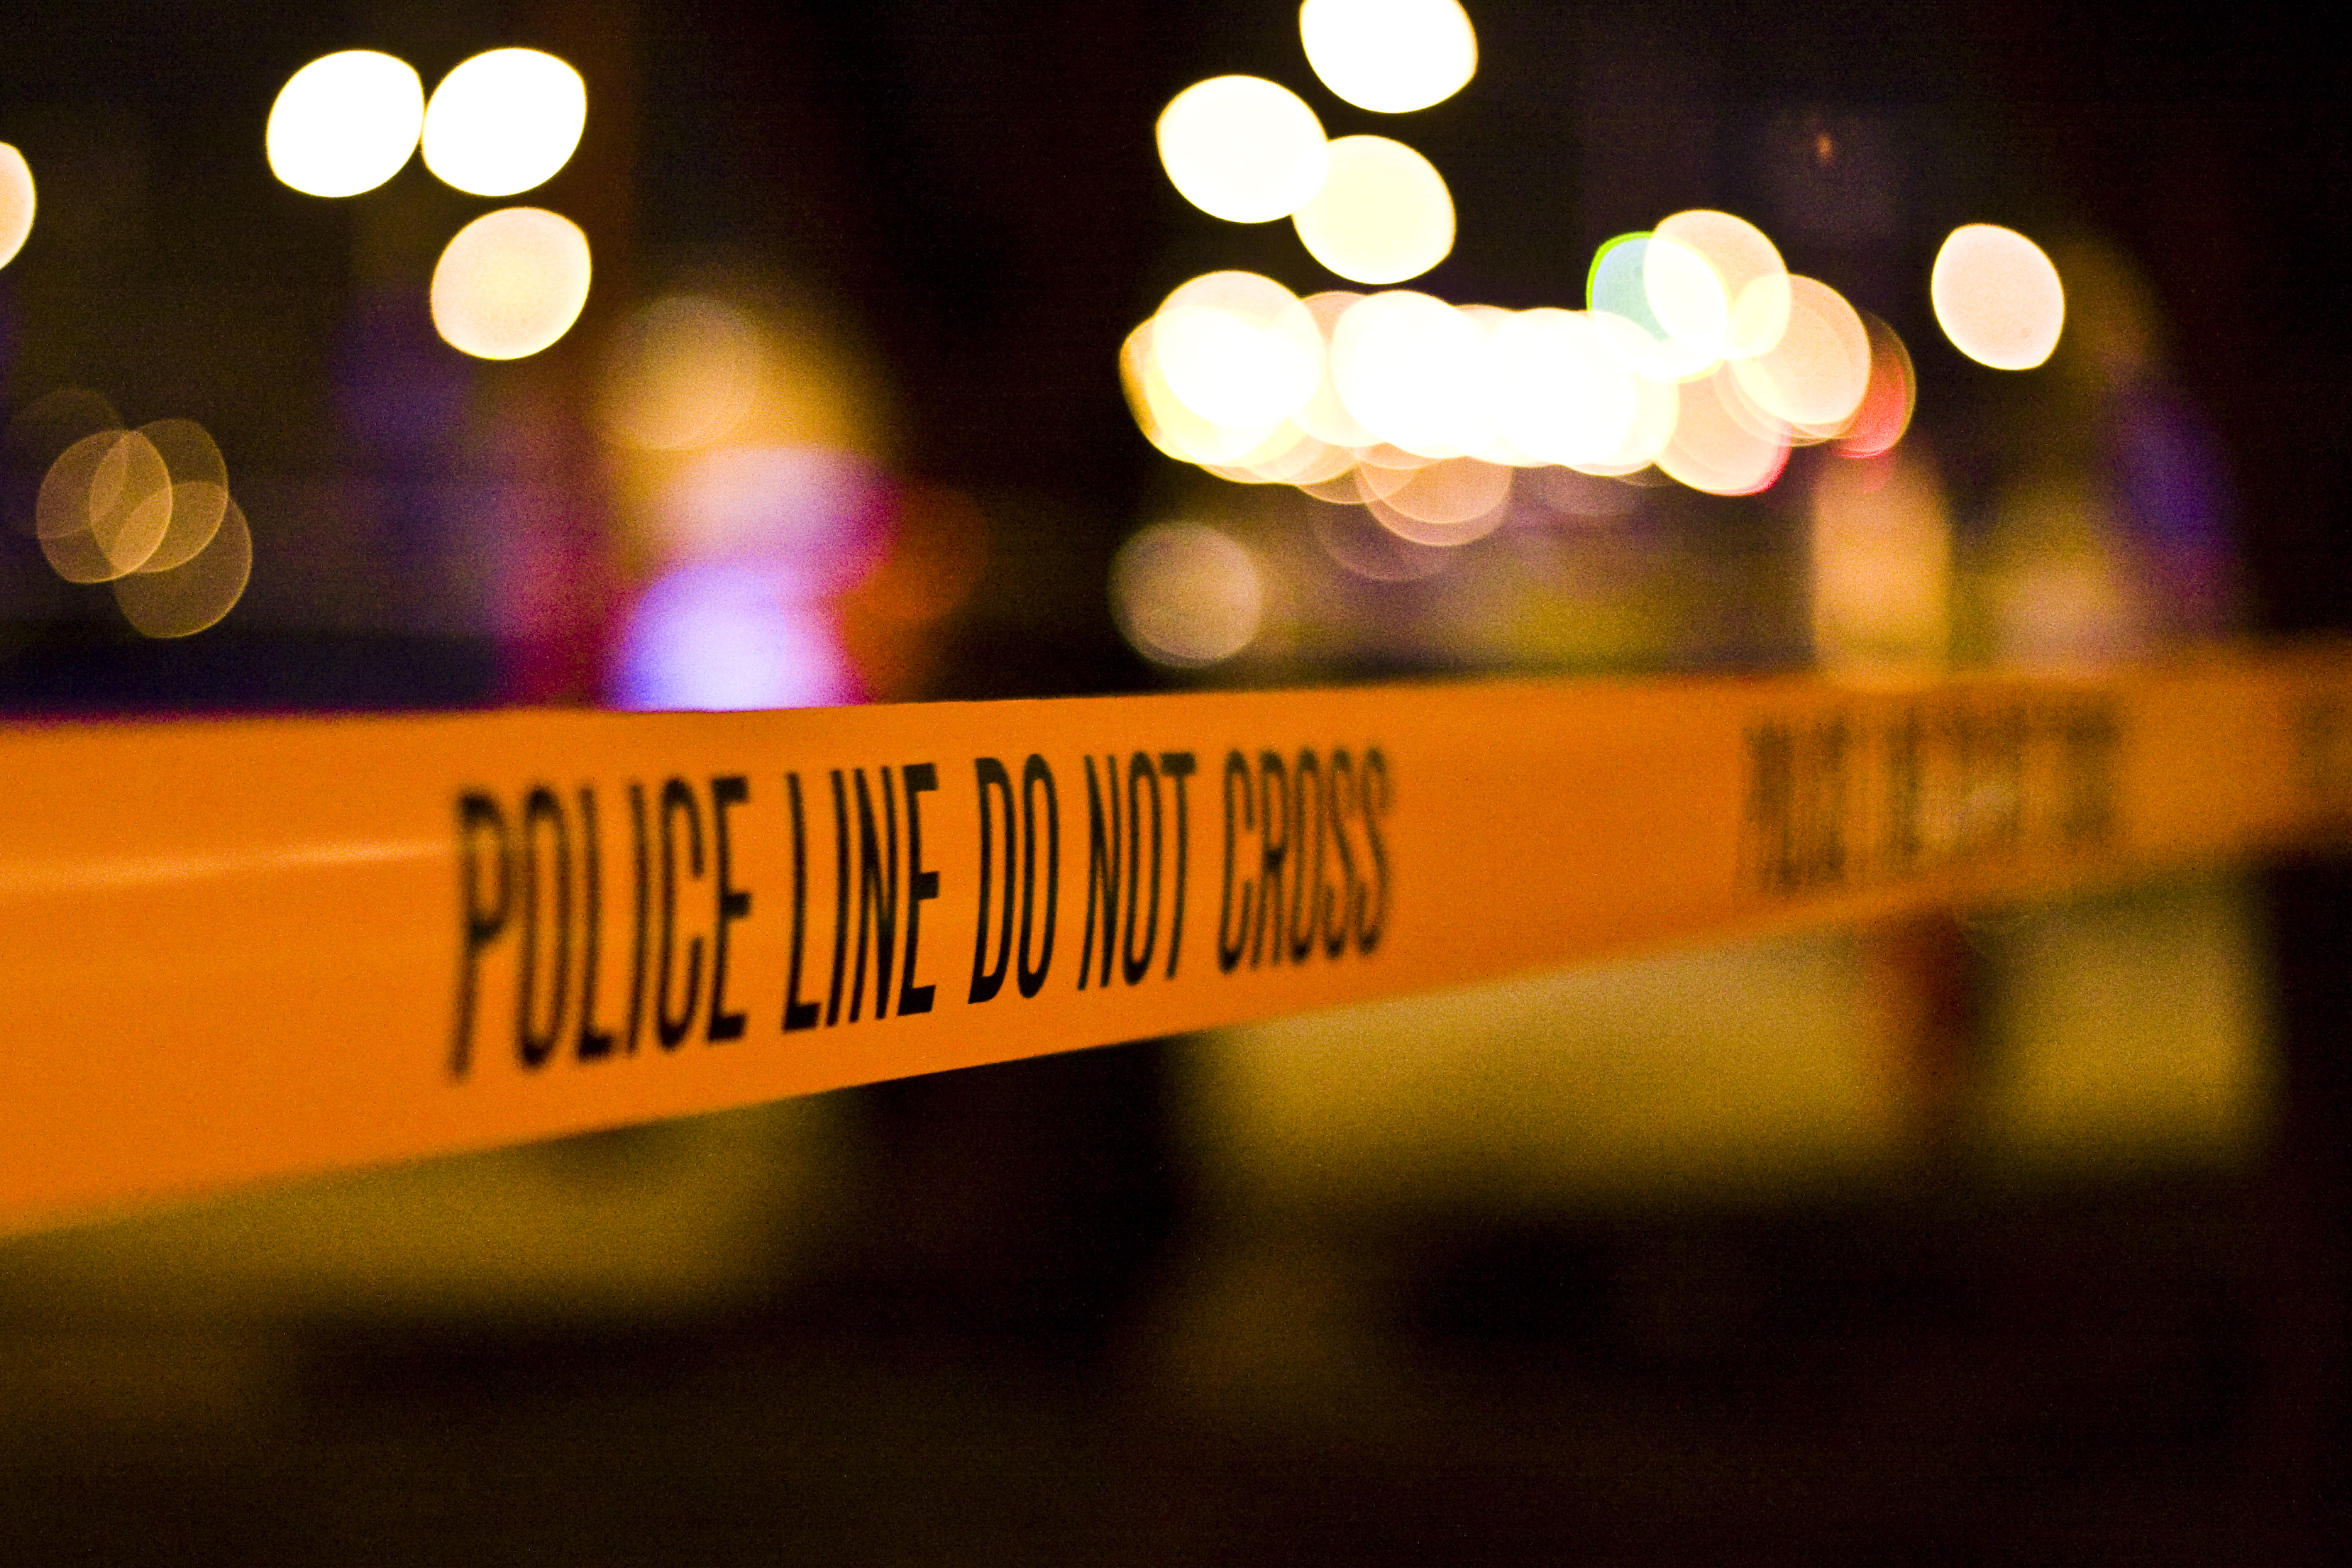 shooting, shootings, gun violence